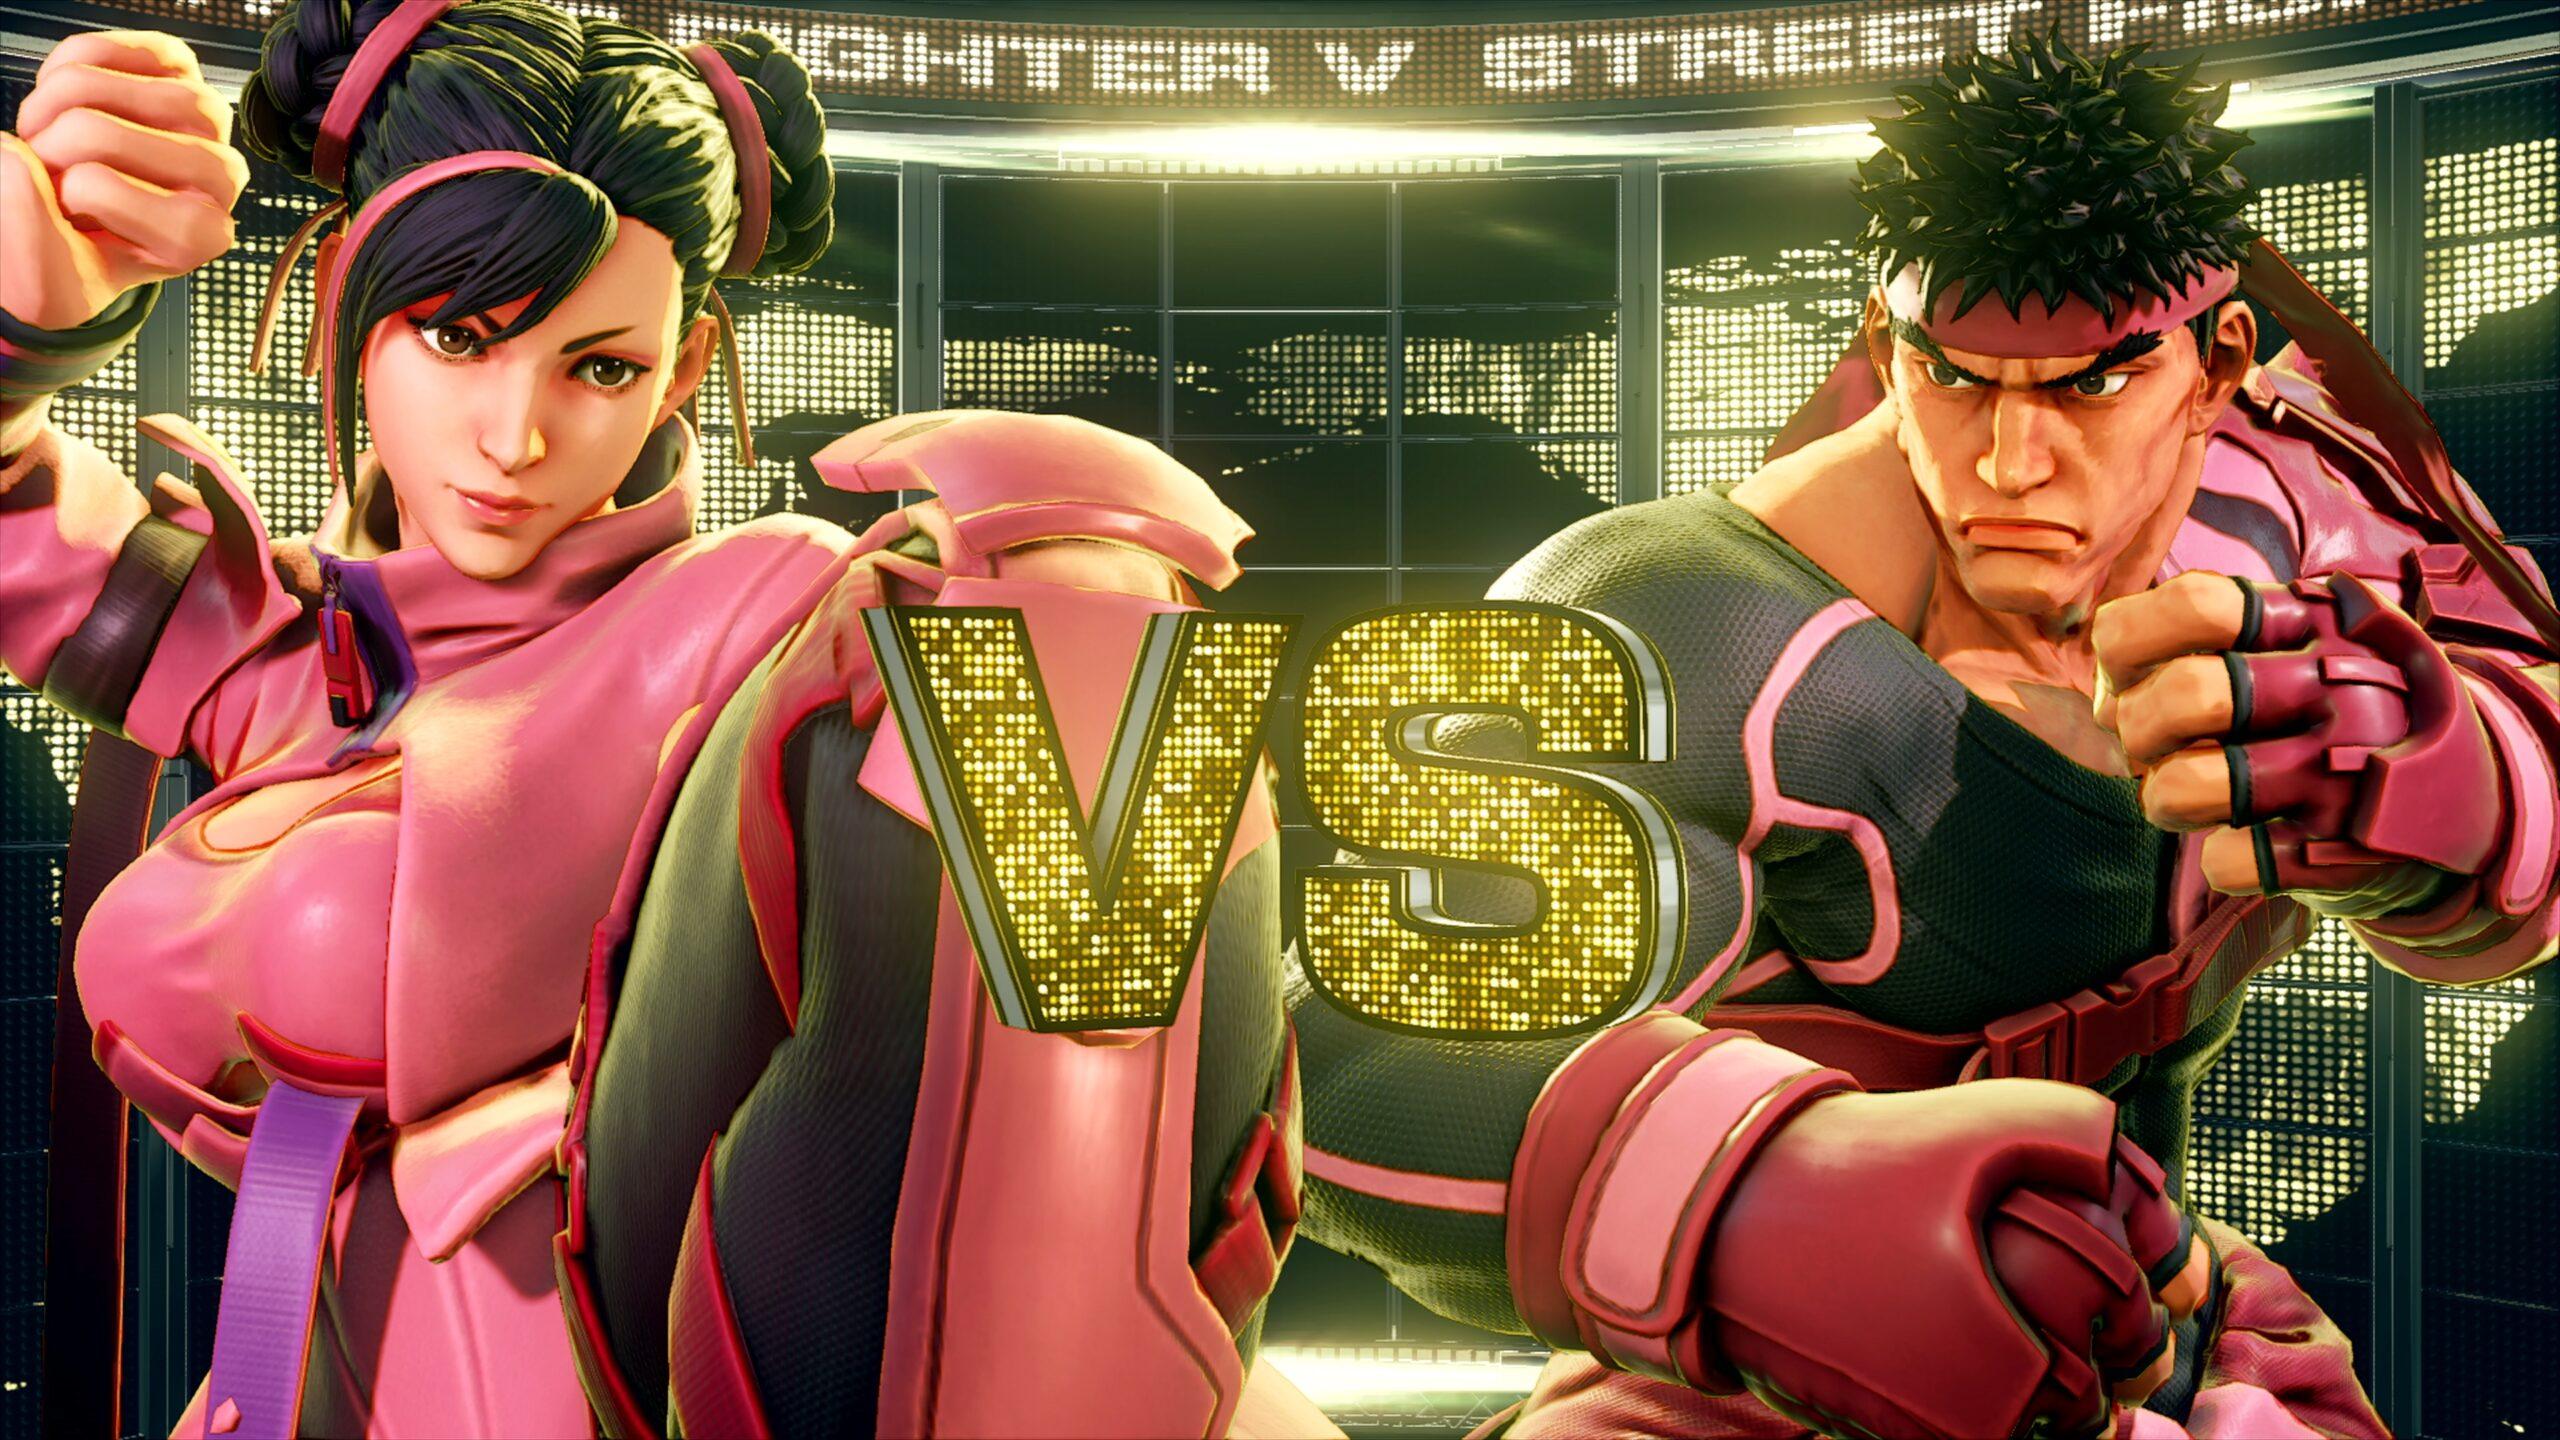 Los disfraces benéficos de Street Fighter 5 recaudarán dinero para la investigación del cáncer de mama, GamersRD